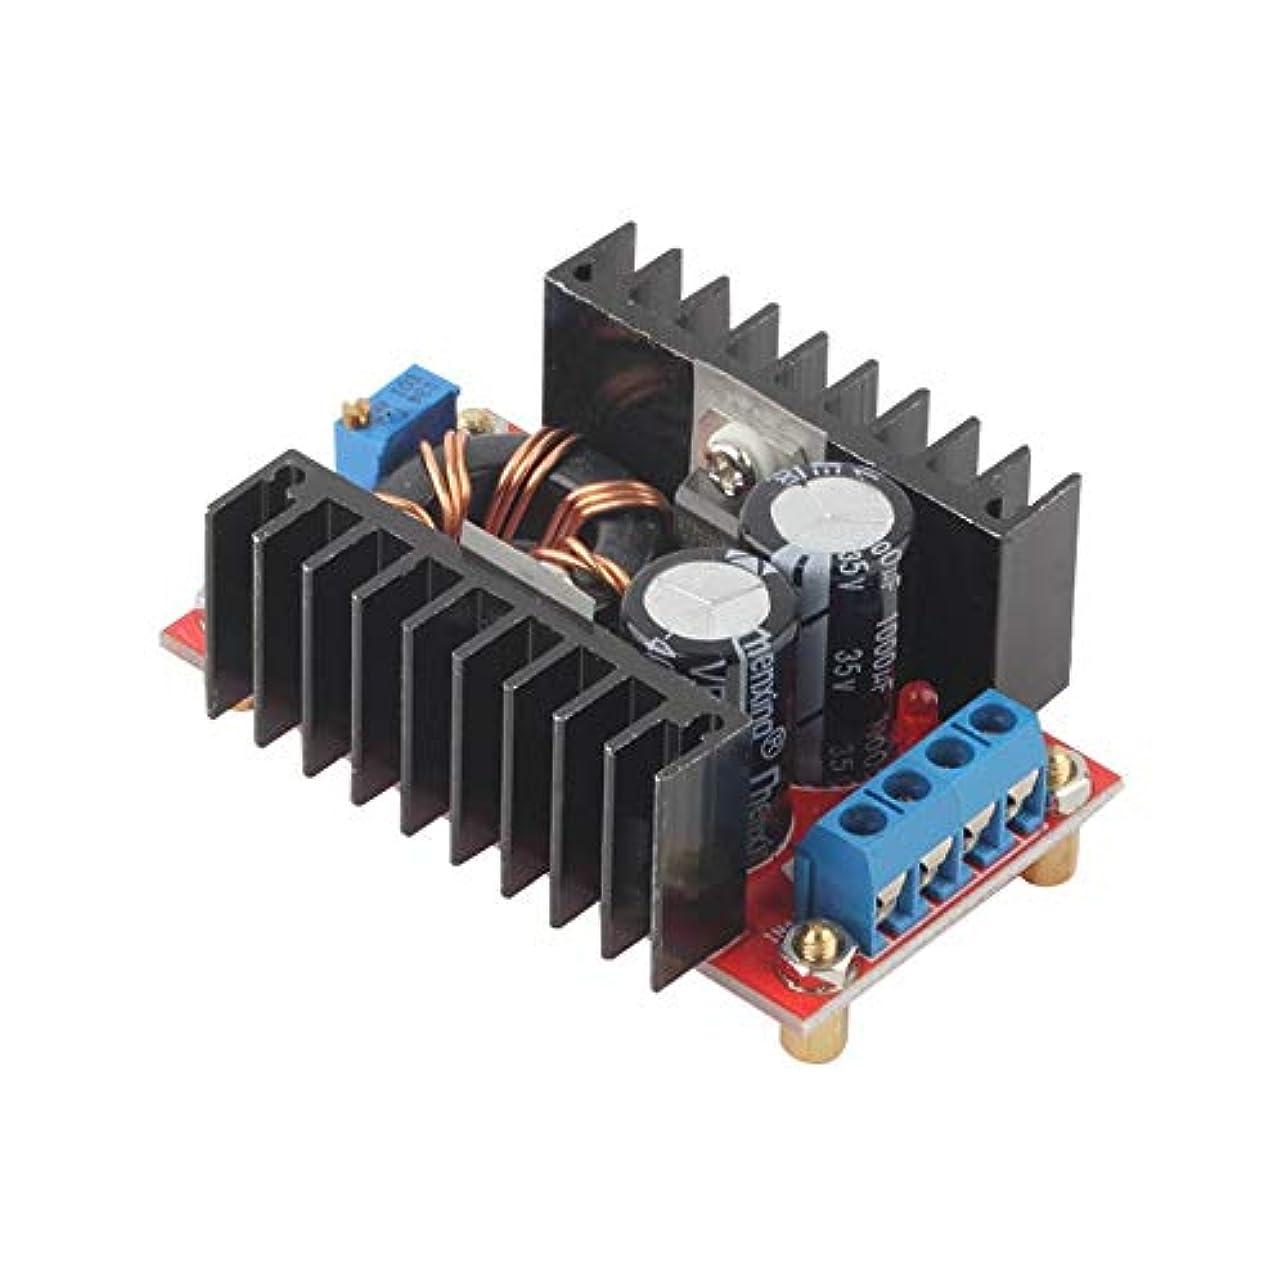 冷凍庫表面いとこプロフェッショナル150W DC-DCブーストコンバータ10-32V to 12-35Vステップアップ充電器電源モジュールステップアップ電圧充電器モジュール - 多色